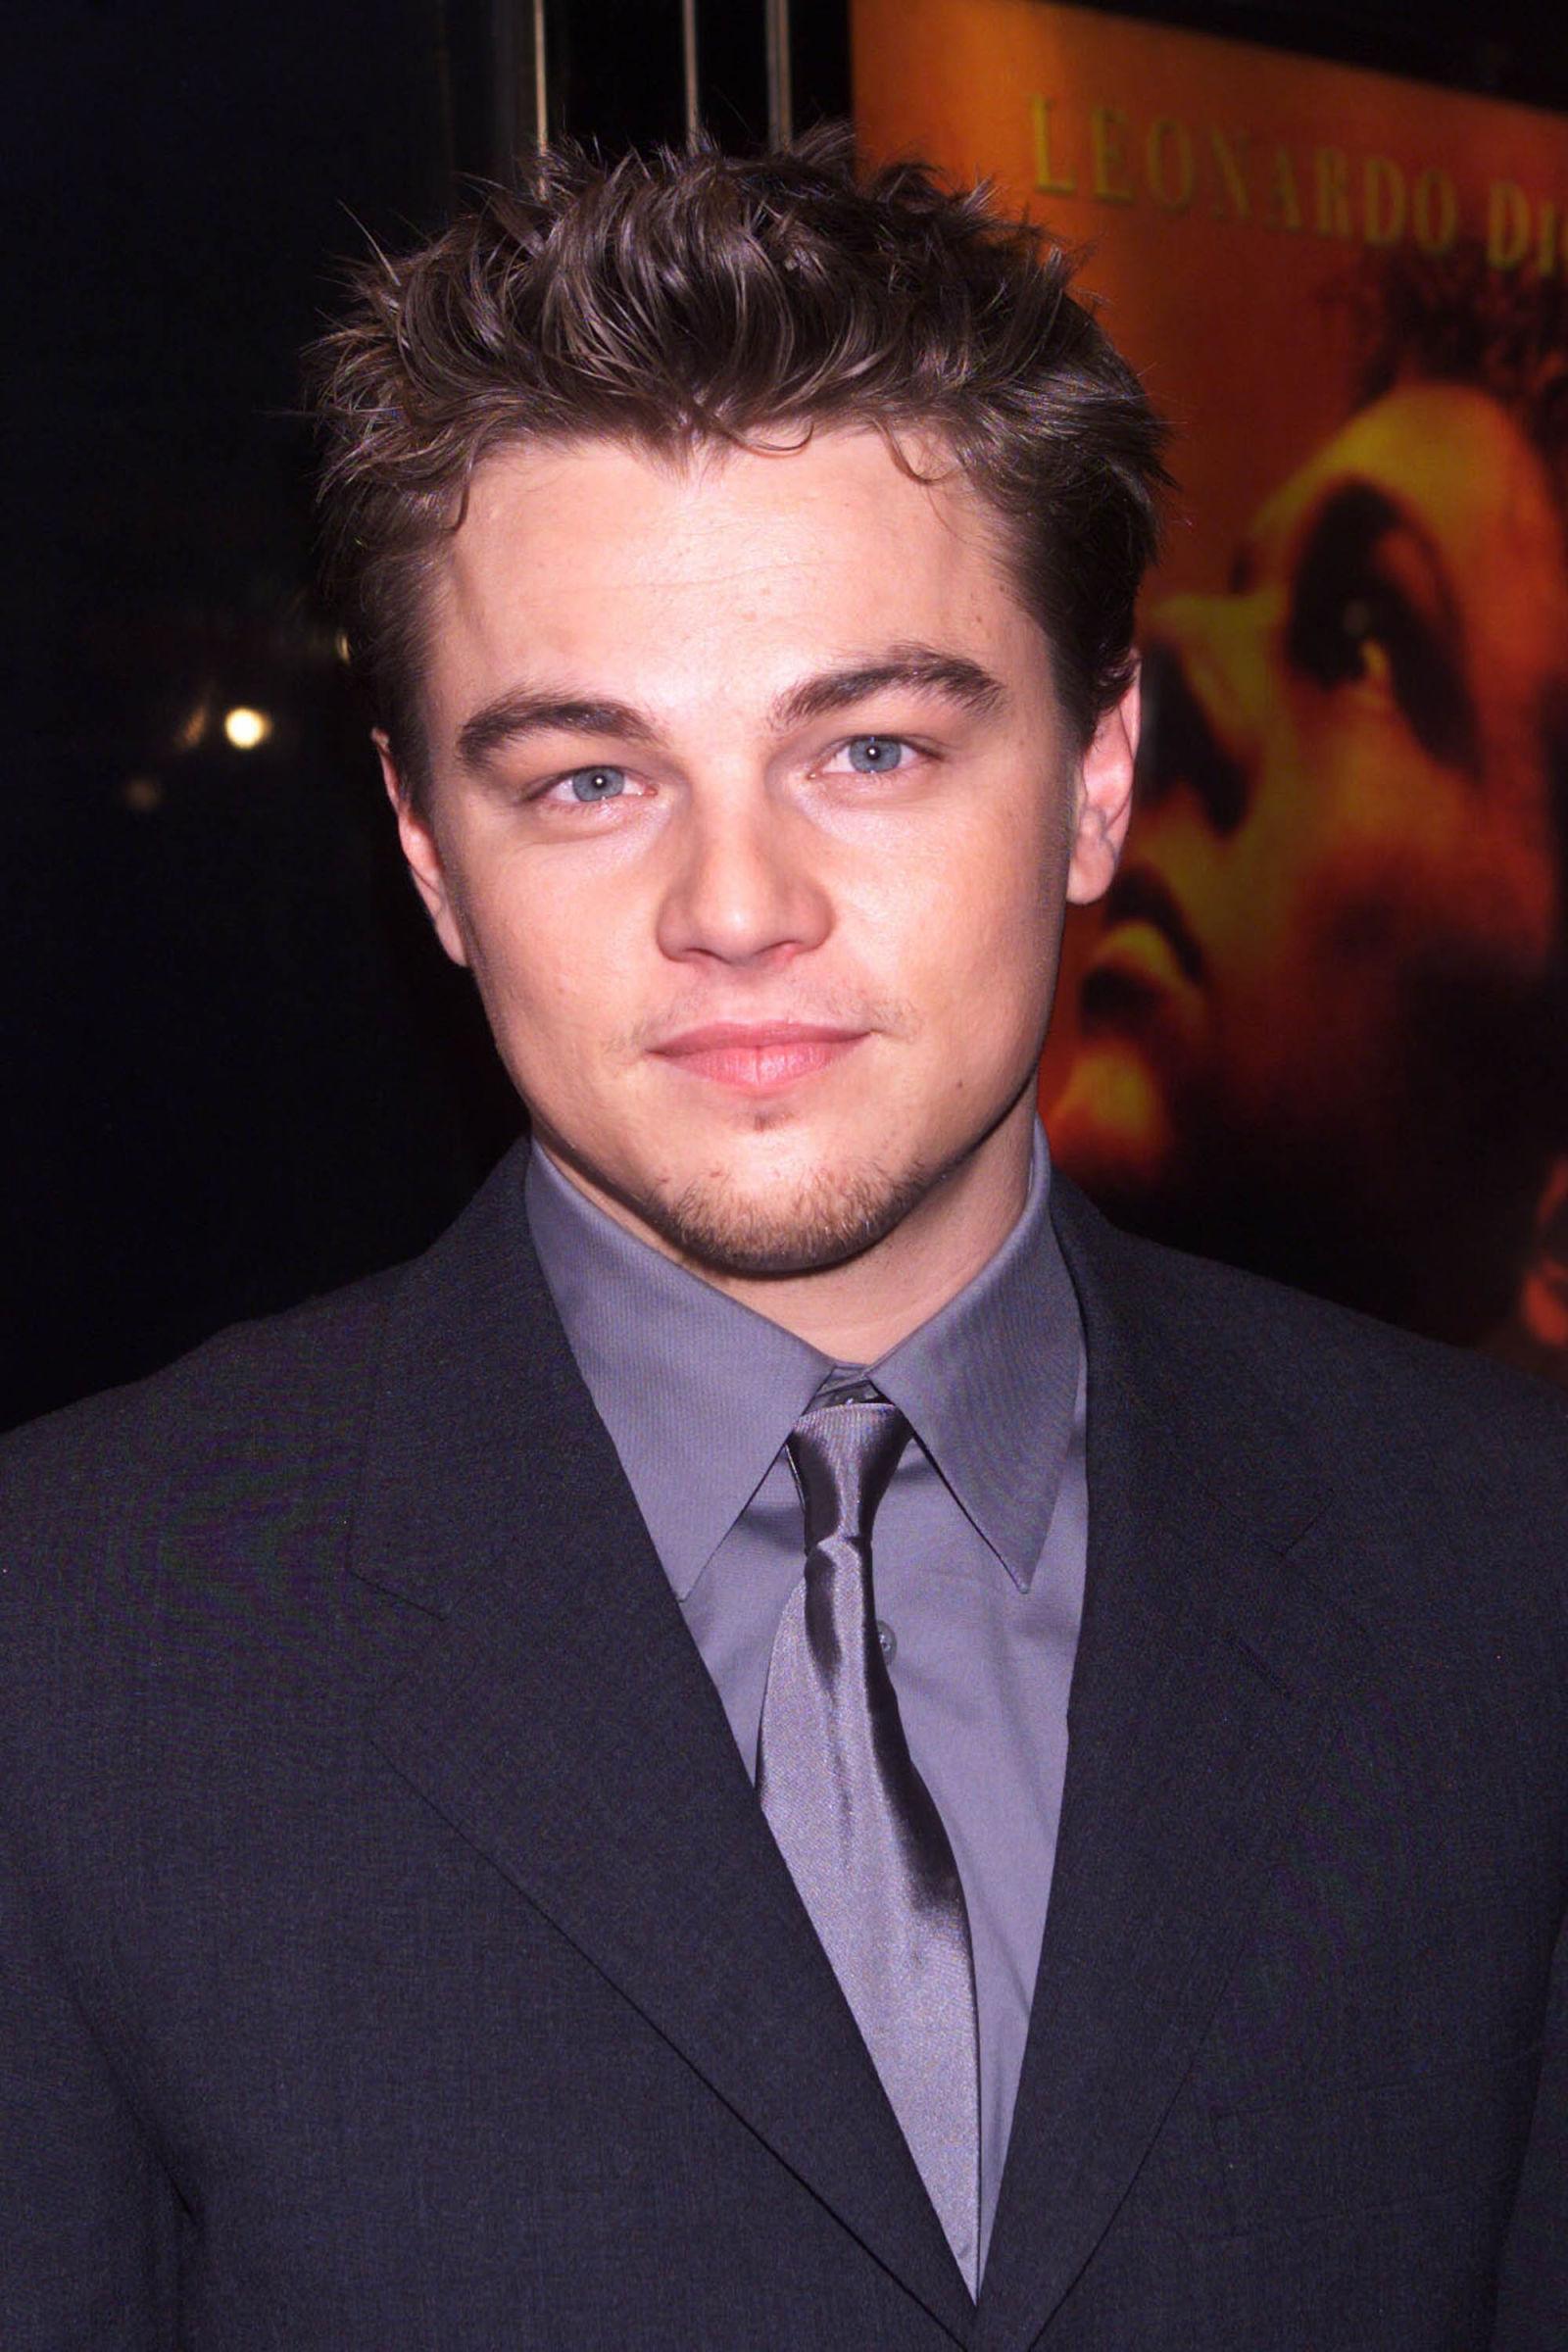 Leonardo diCaprio celebrity hairstyles 2000